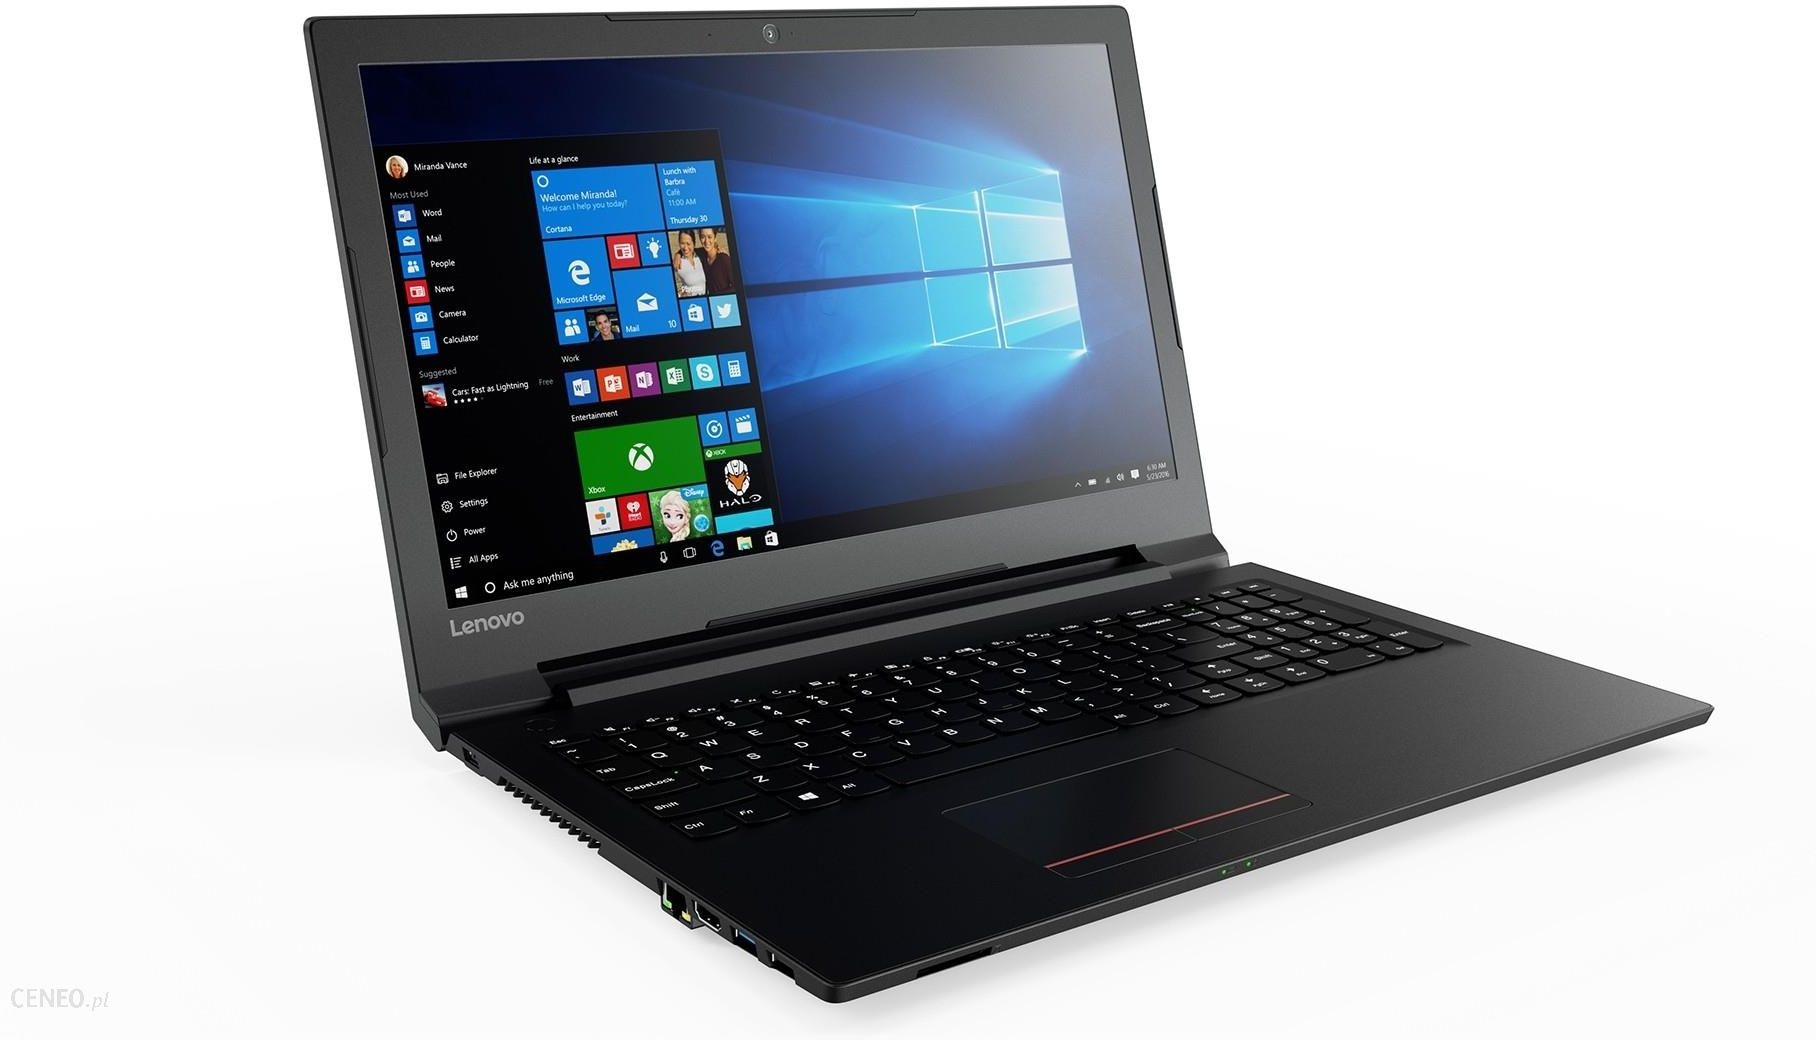 Laptop Lenovo Essential V110 15ISK 80TL008NXA zdjęcie 1